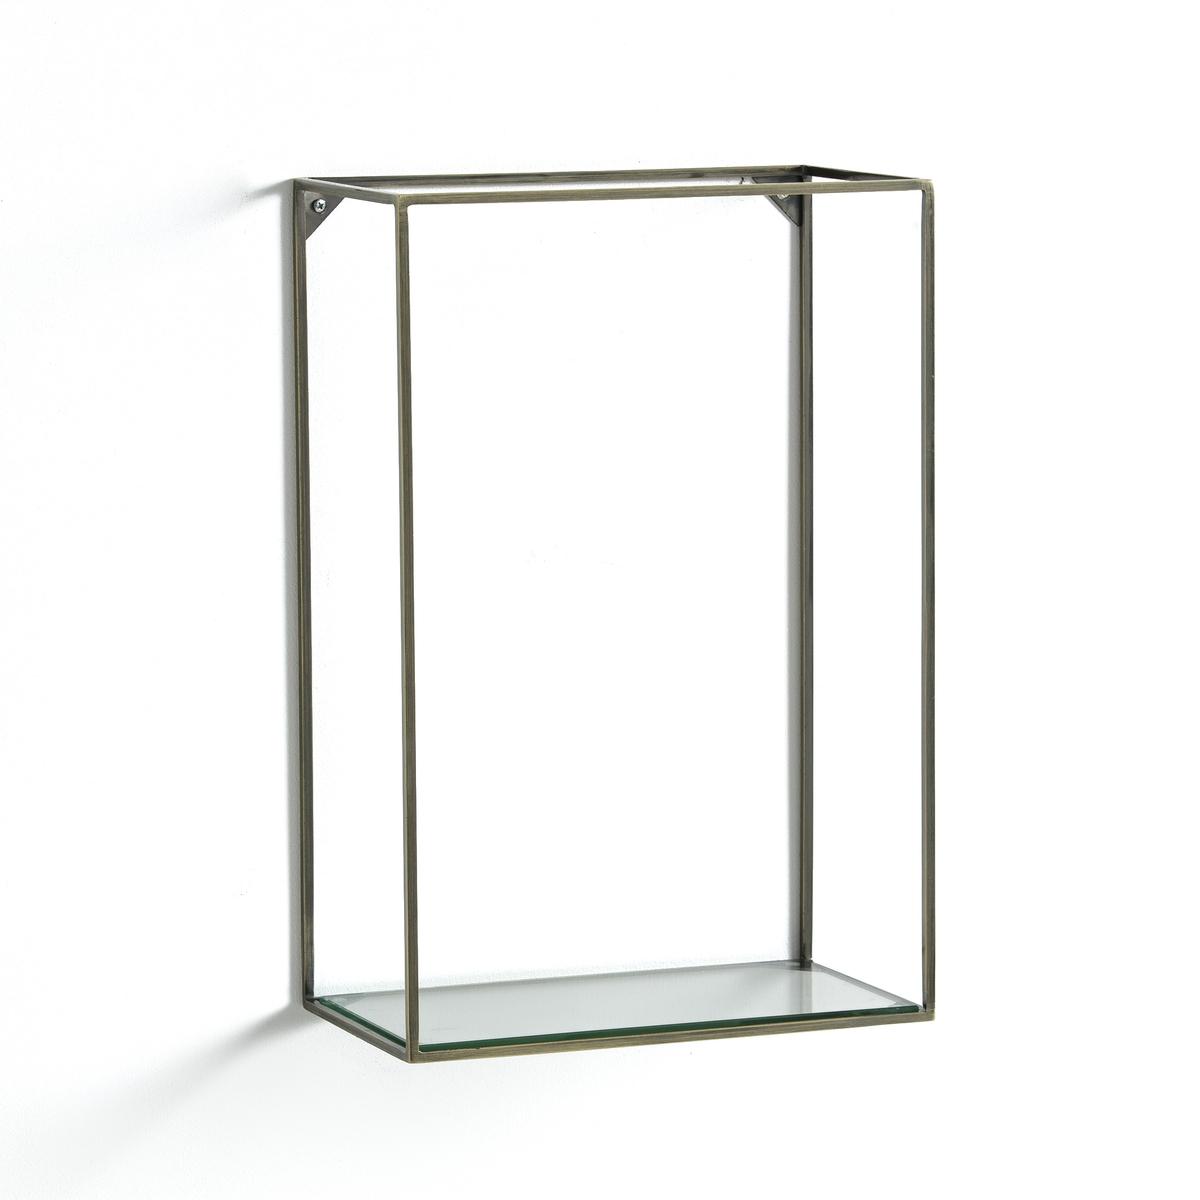 Полка вертикальная из металла и стекла, OshotaОписание : - Каркас из металла с отделкой из латуни с эффектом старения- 1 стеклянная полка- Крепится к стене, шурупы и дюбели в комплект не входятРазмеры : - Ш.30 x В.45 x Г.17 см<br><br>Цвет: золотистый